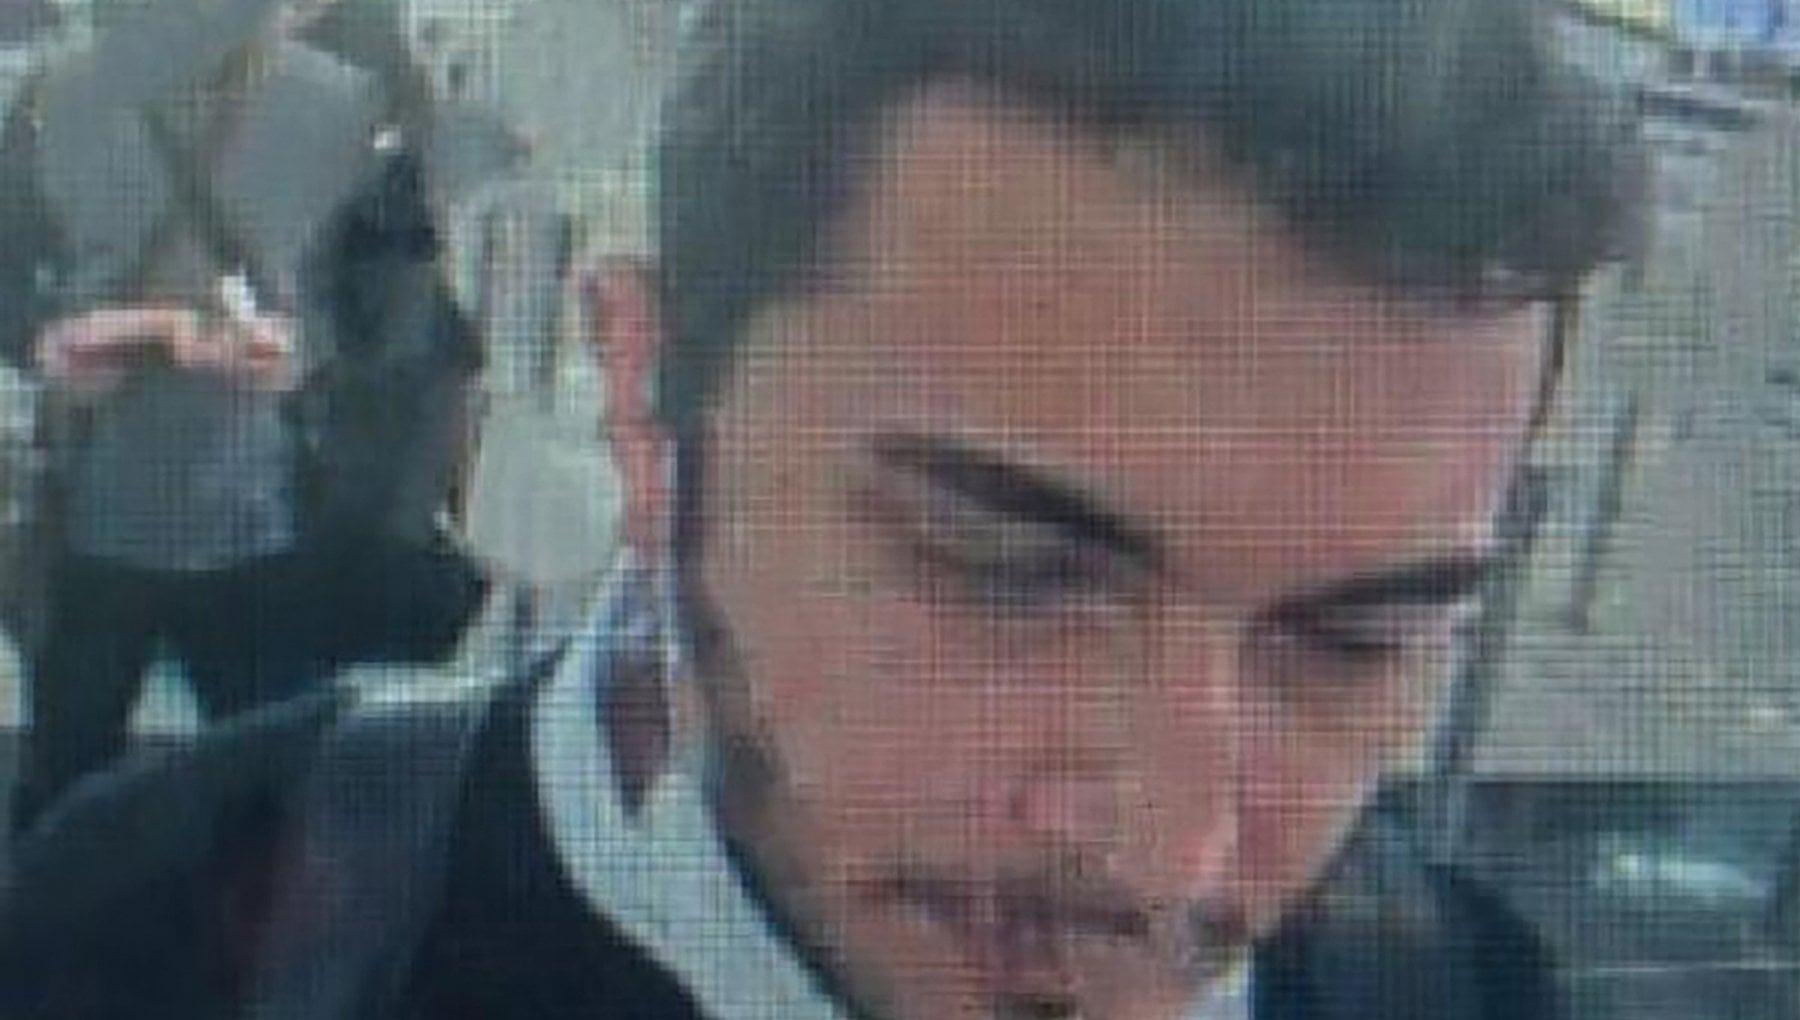 Cripto-stangata in Turchia, il guru del Bitcoin sparito nel nulla con 2 miliardi dei clienti